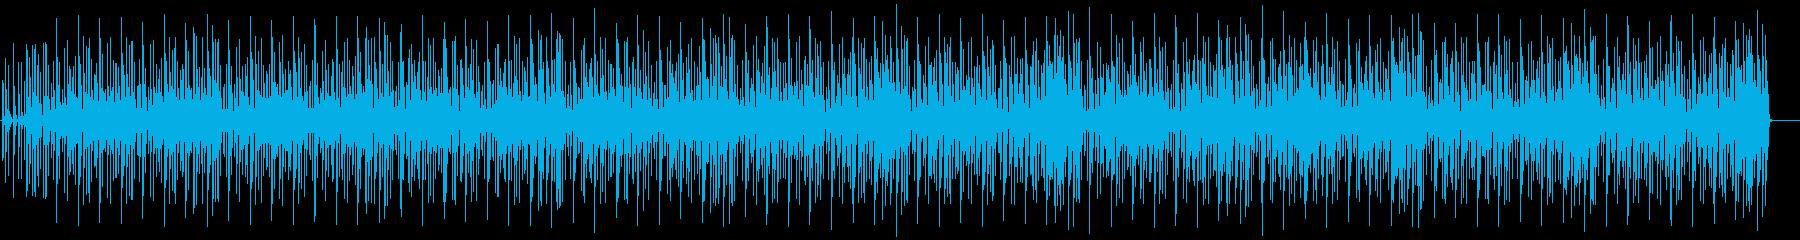 サックスとブラスでファンキーなBGMの再生済みの波形